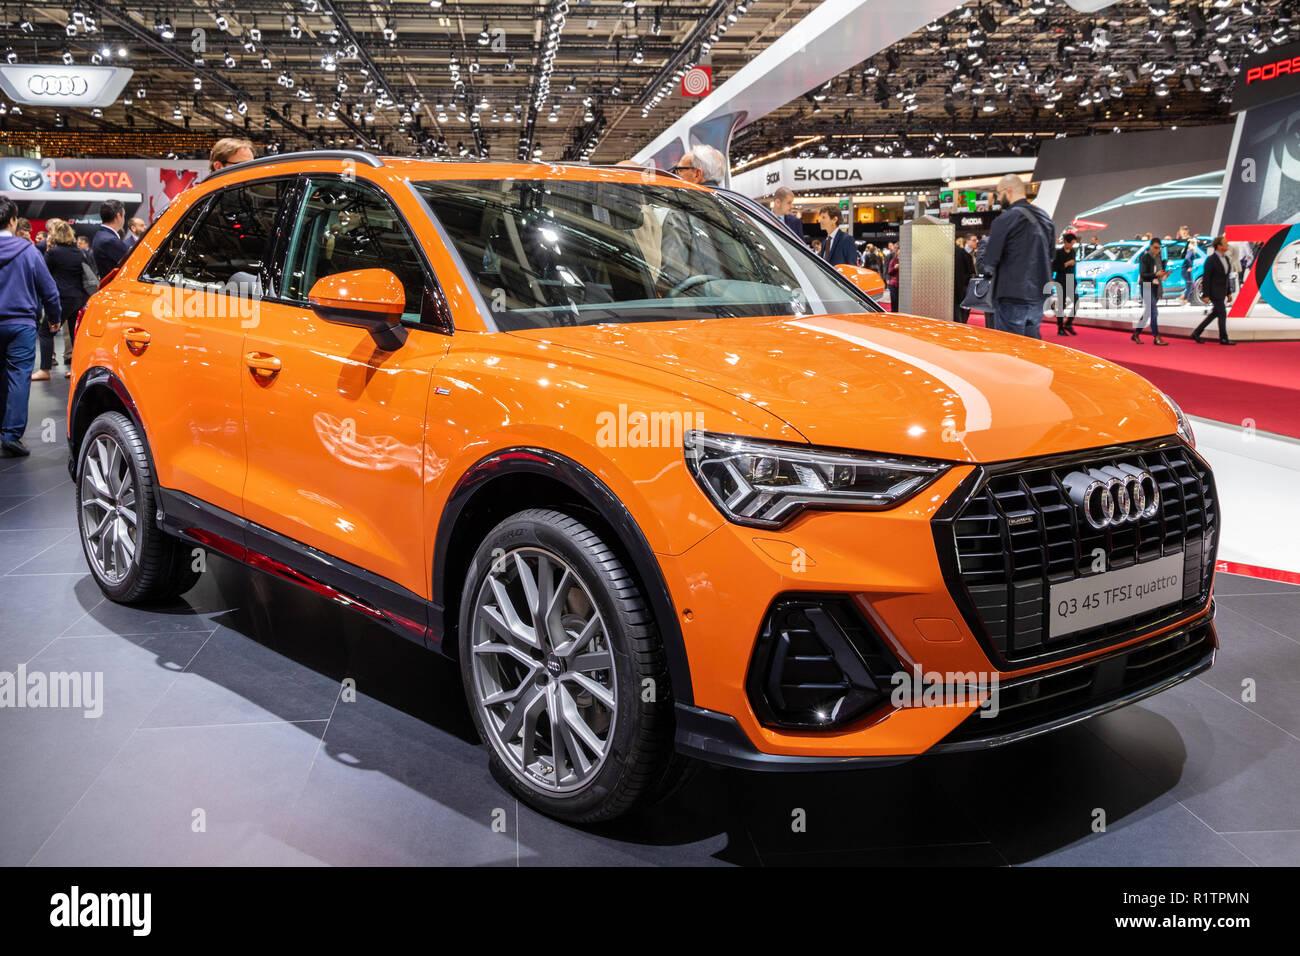 PARIS - OCT 3, 2018: Audi Q3 TFSI quattro car presented at